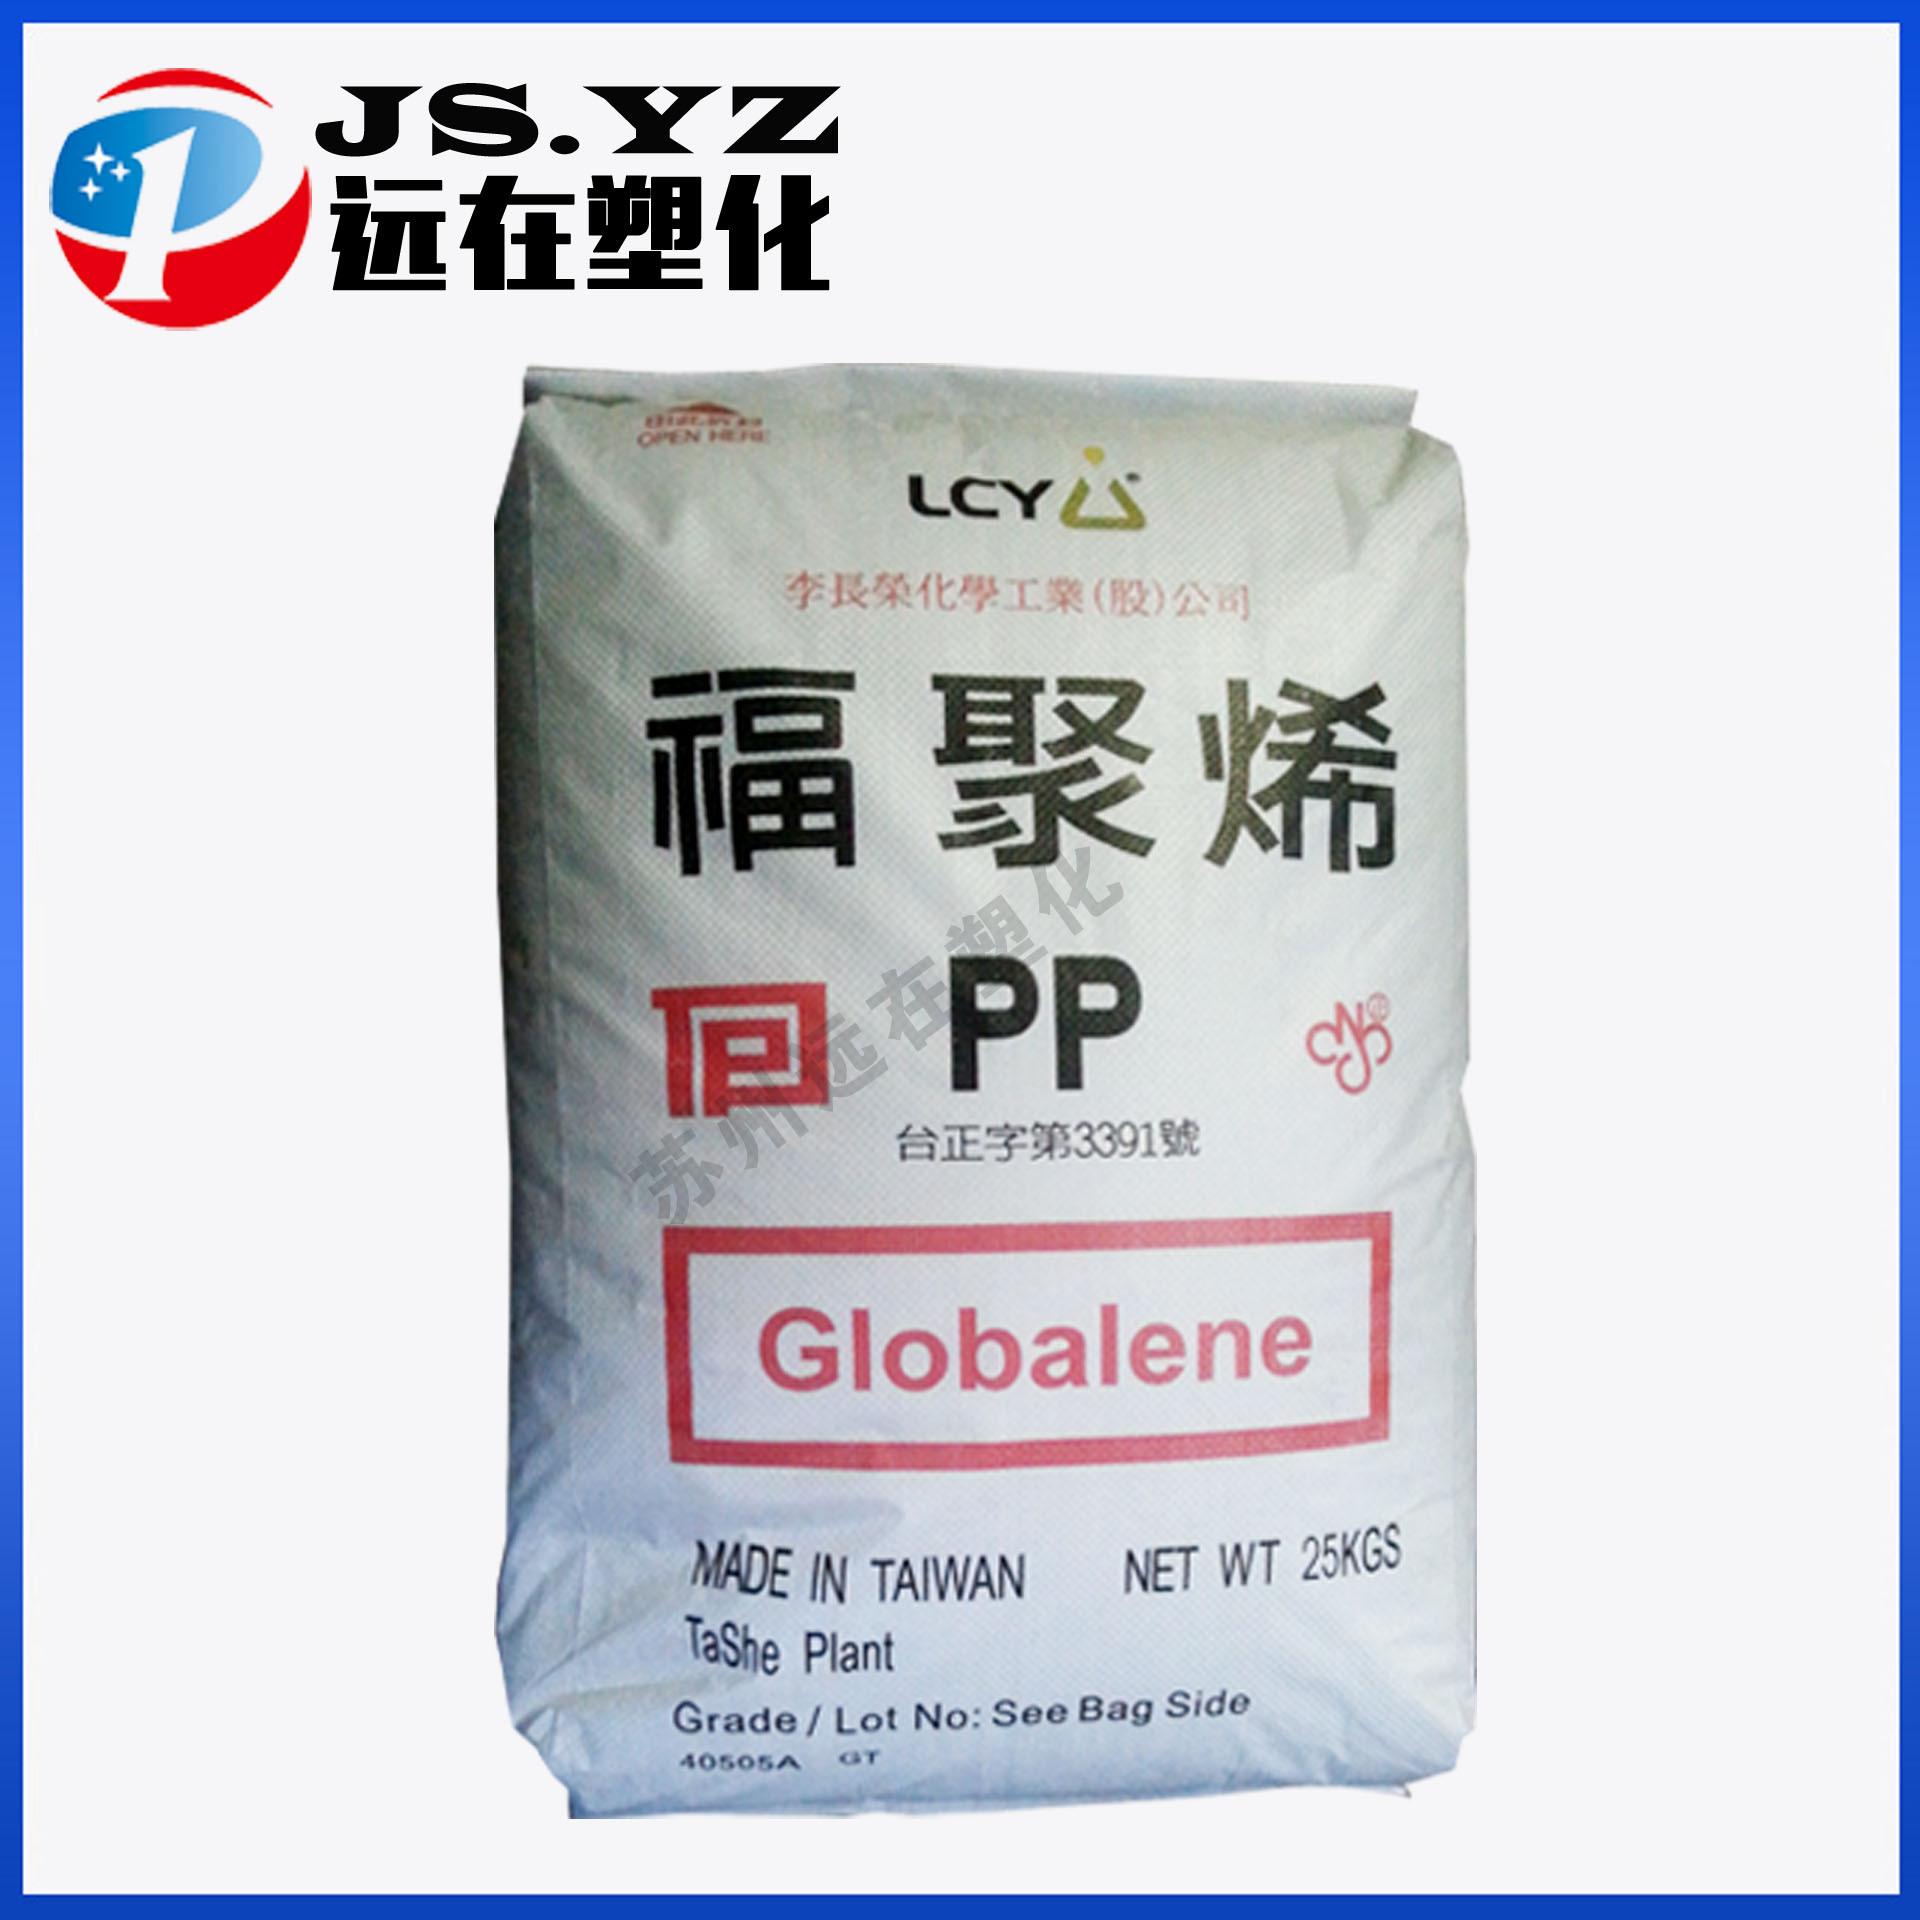 FUJU Thị trường nguyên liệu hoá chất ST868M pp cấp thực phẩm vượt chứng nhận FDA Nguyên liệu PP chịu